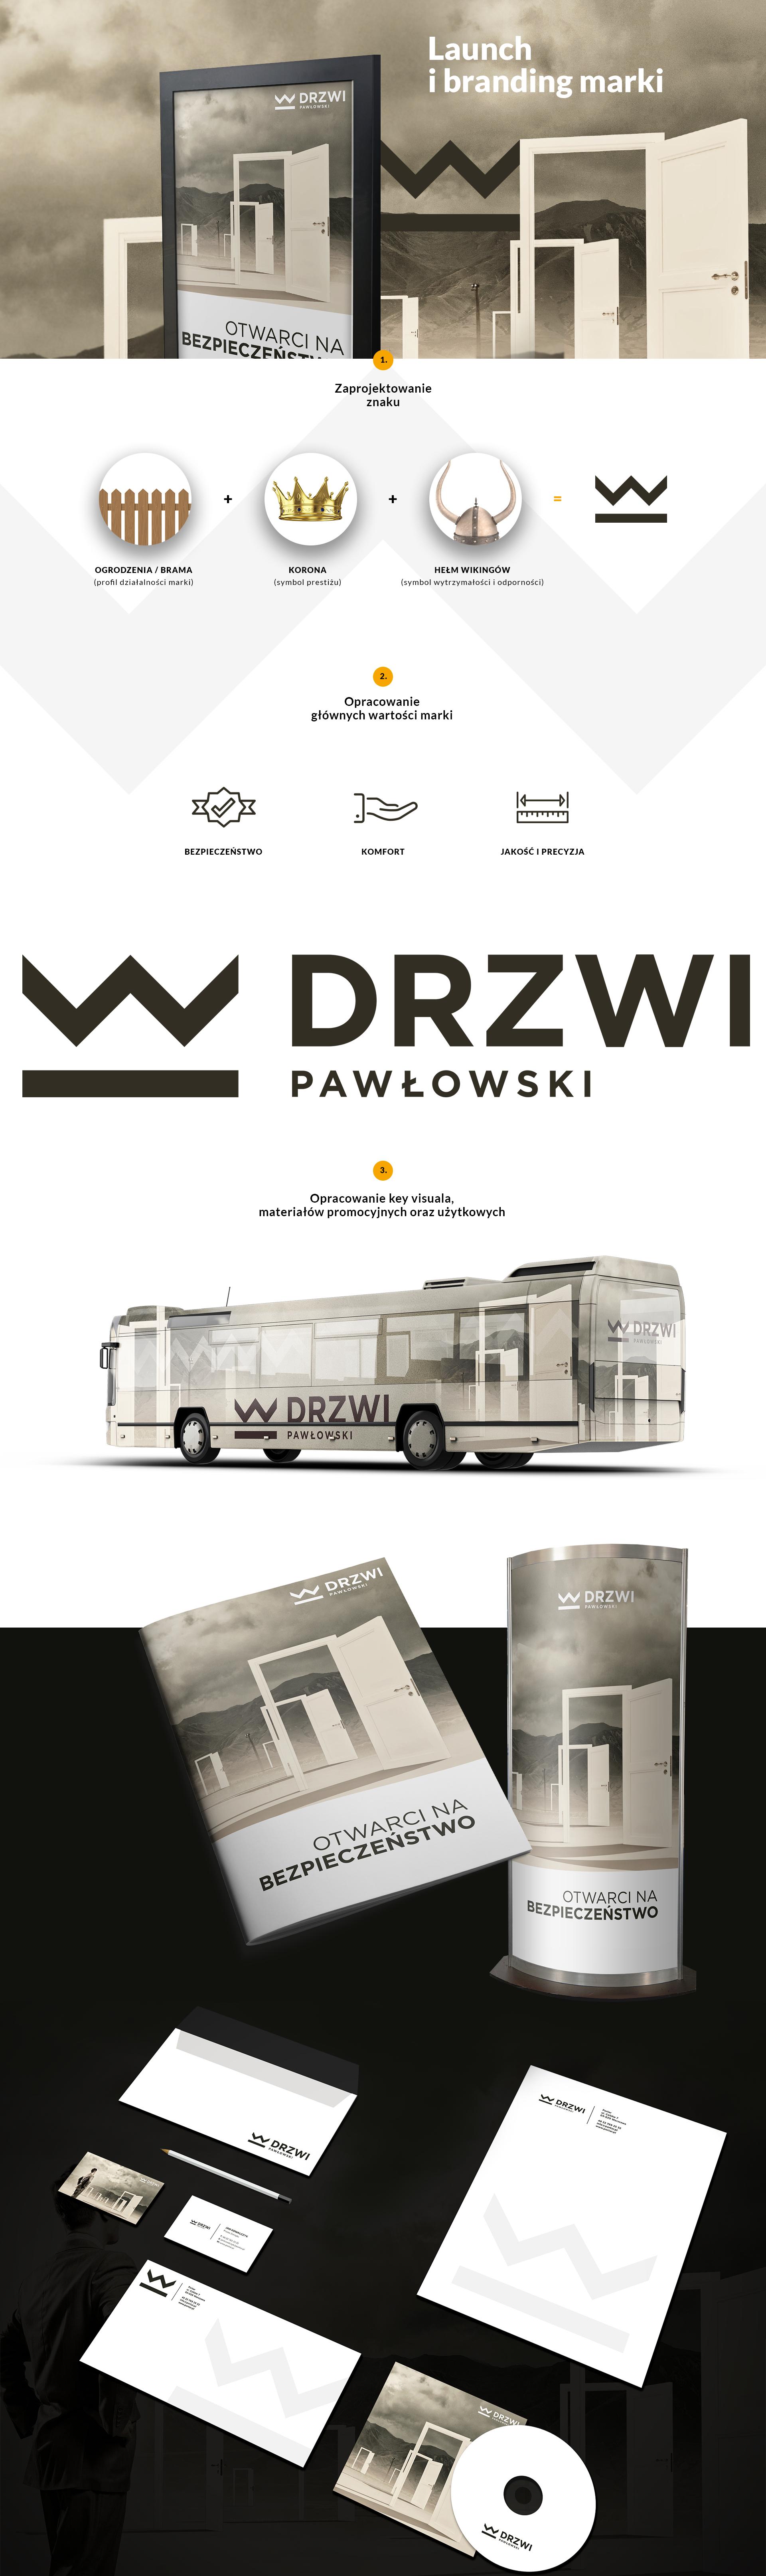 Drzwi Pawłowski